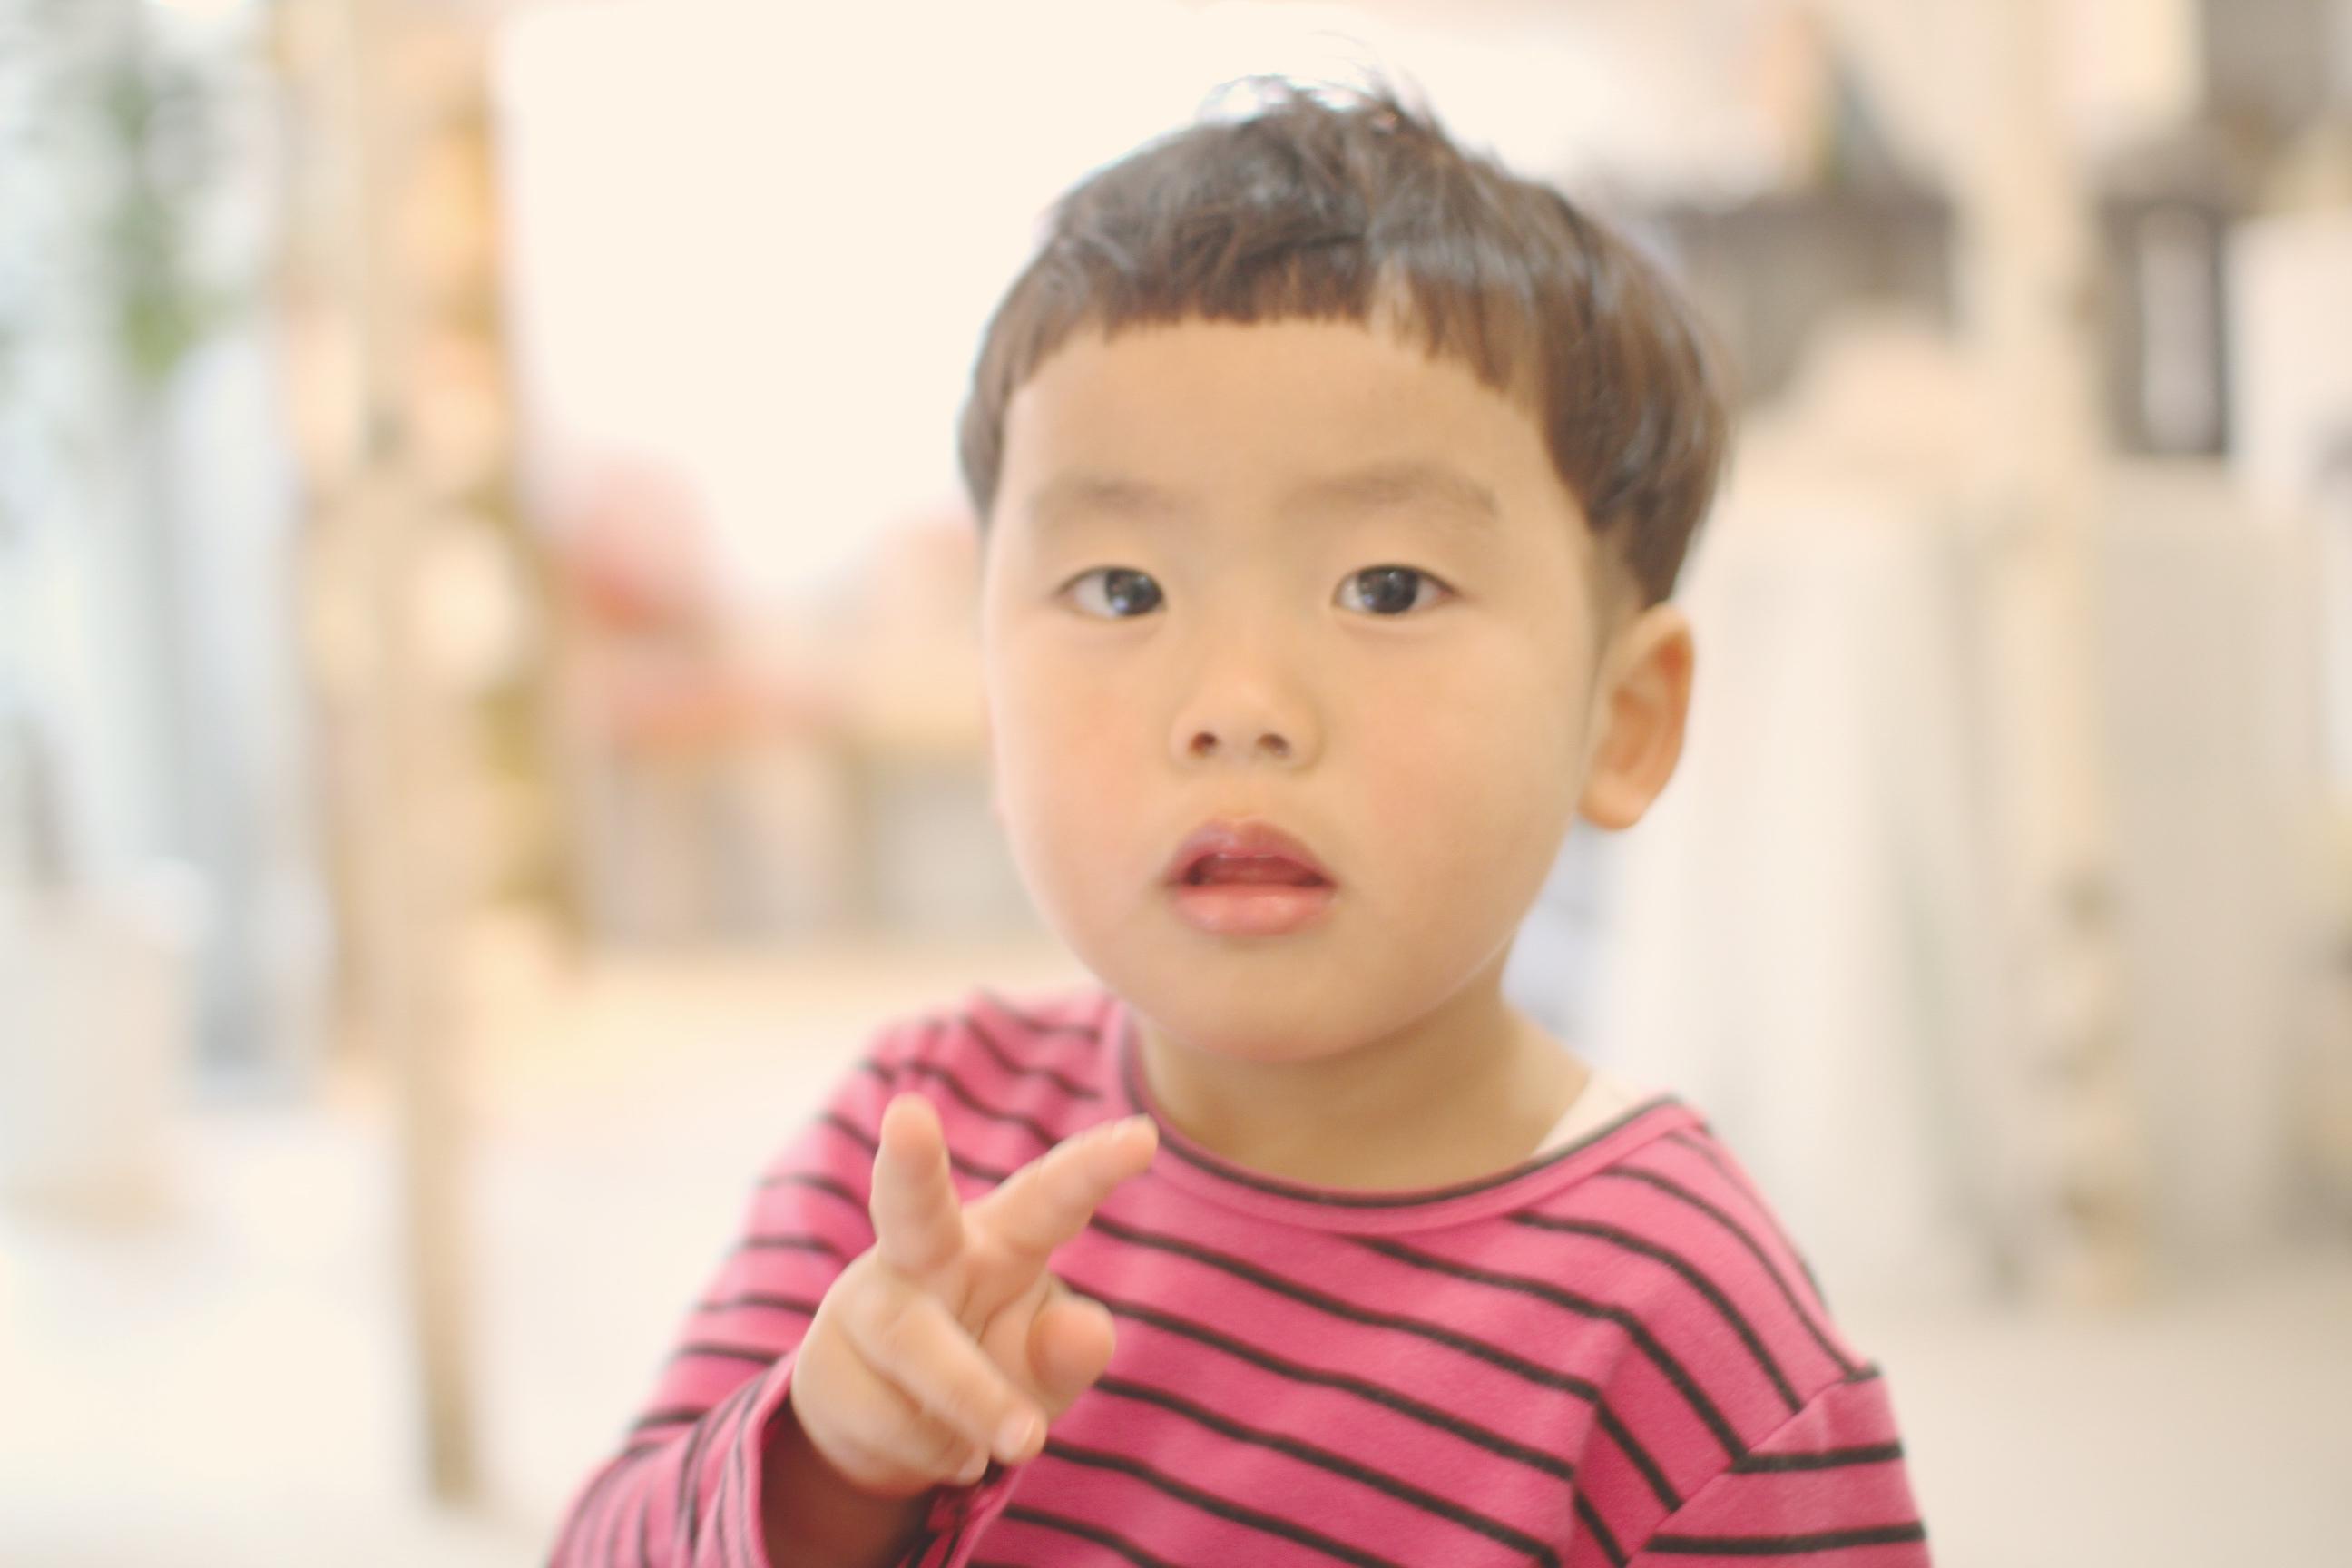 子供のマッシュルームカットイメージ2